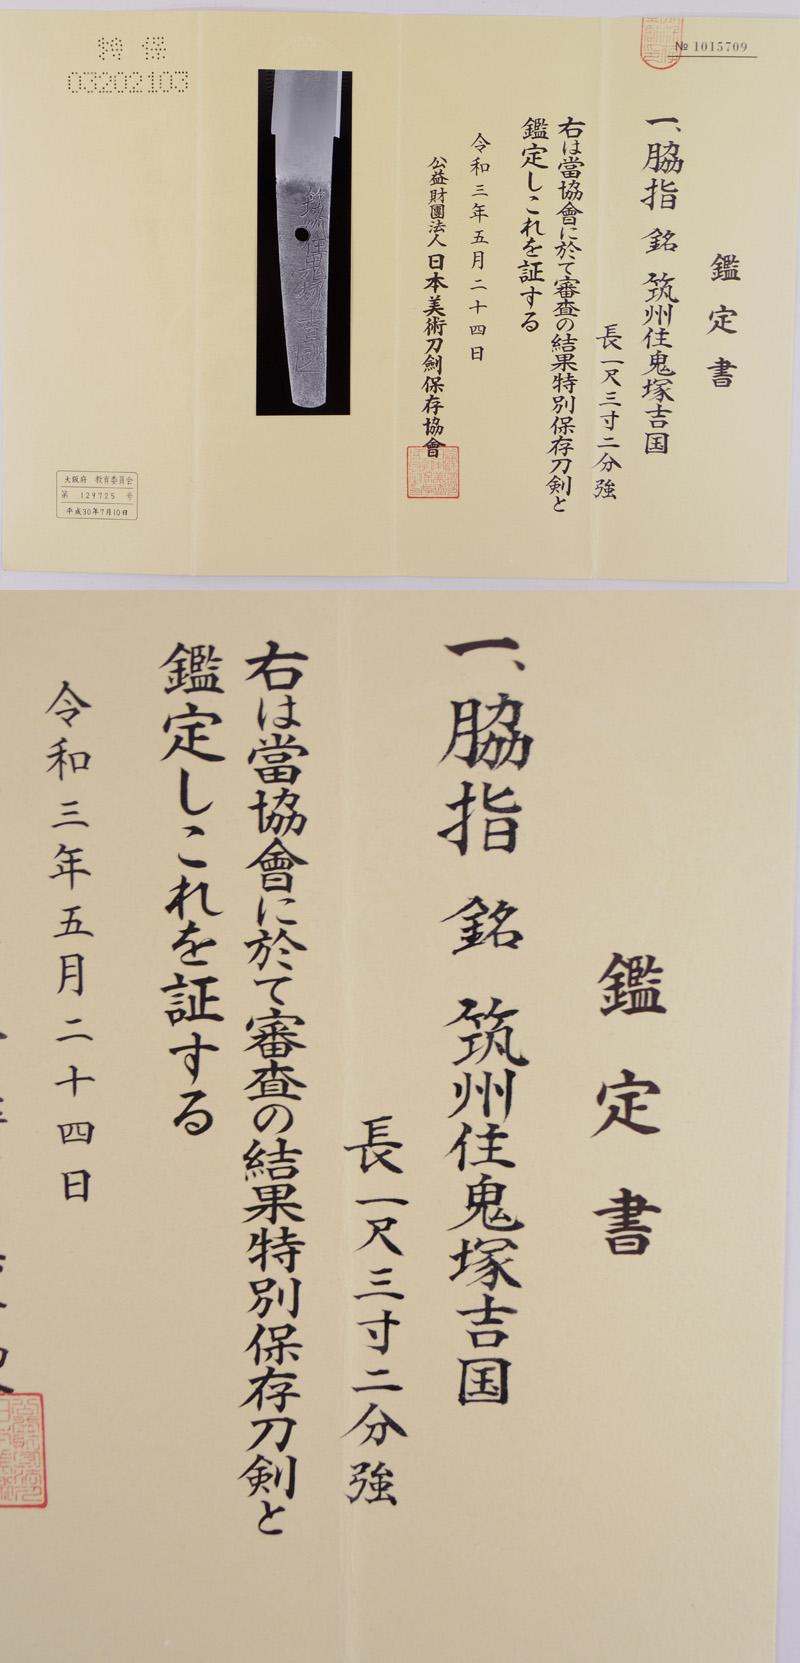 脇差 筑州住鬼塚吉国  (新刀上作) (業物) Picture of Certificate